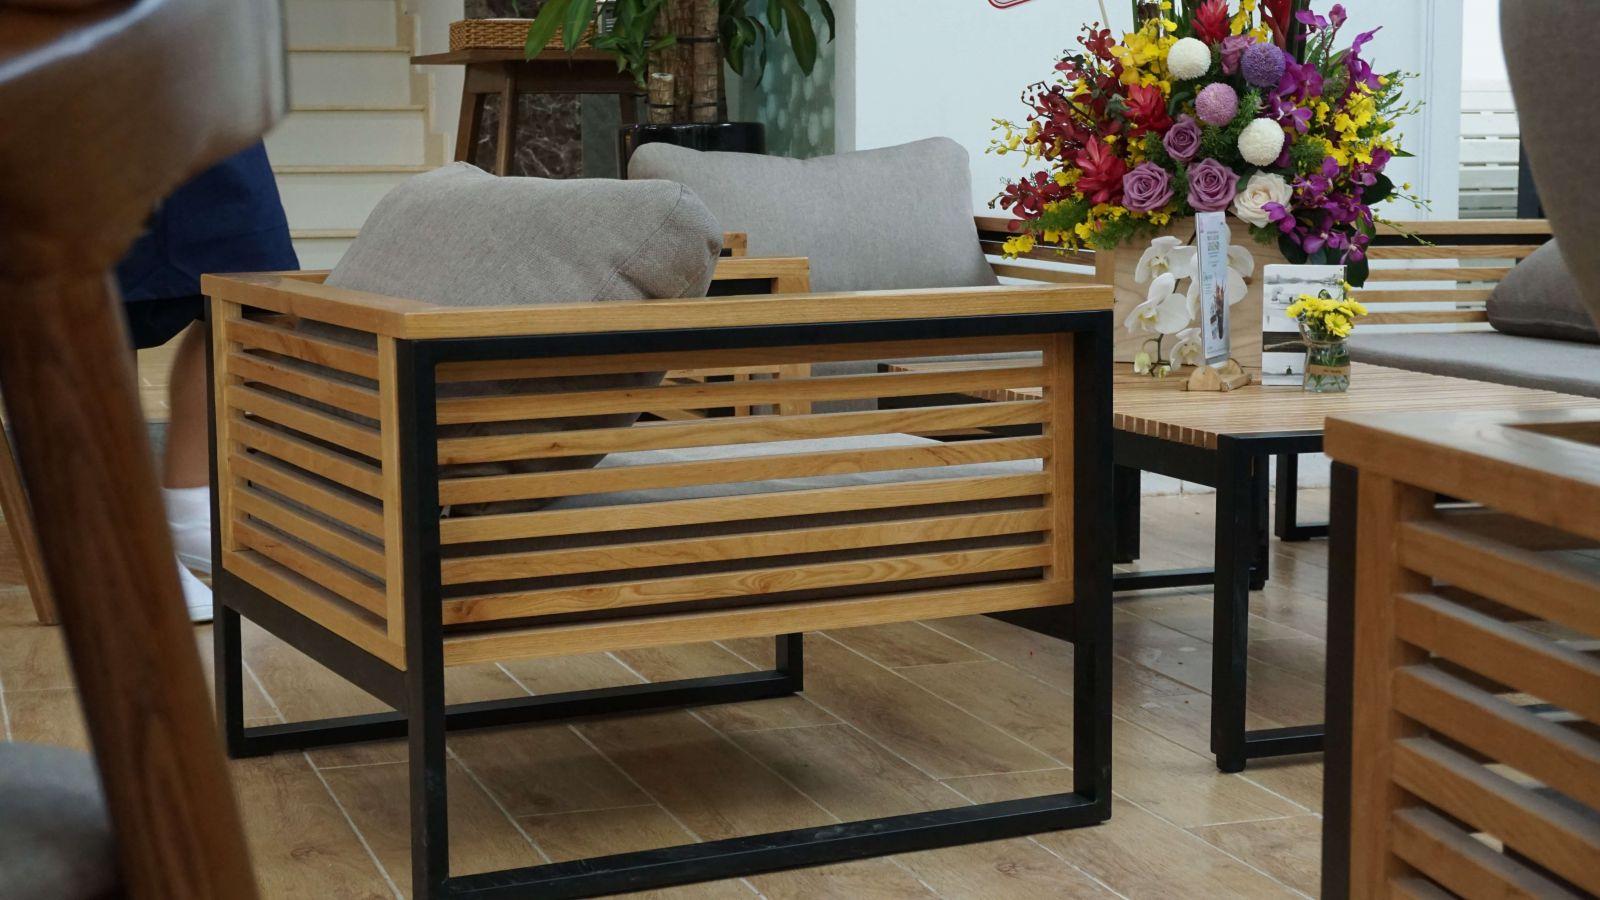 thiết kế mẫu ghế sofa cao cấp cho trung nguyên legend cafe